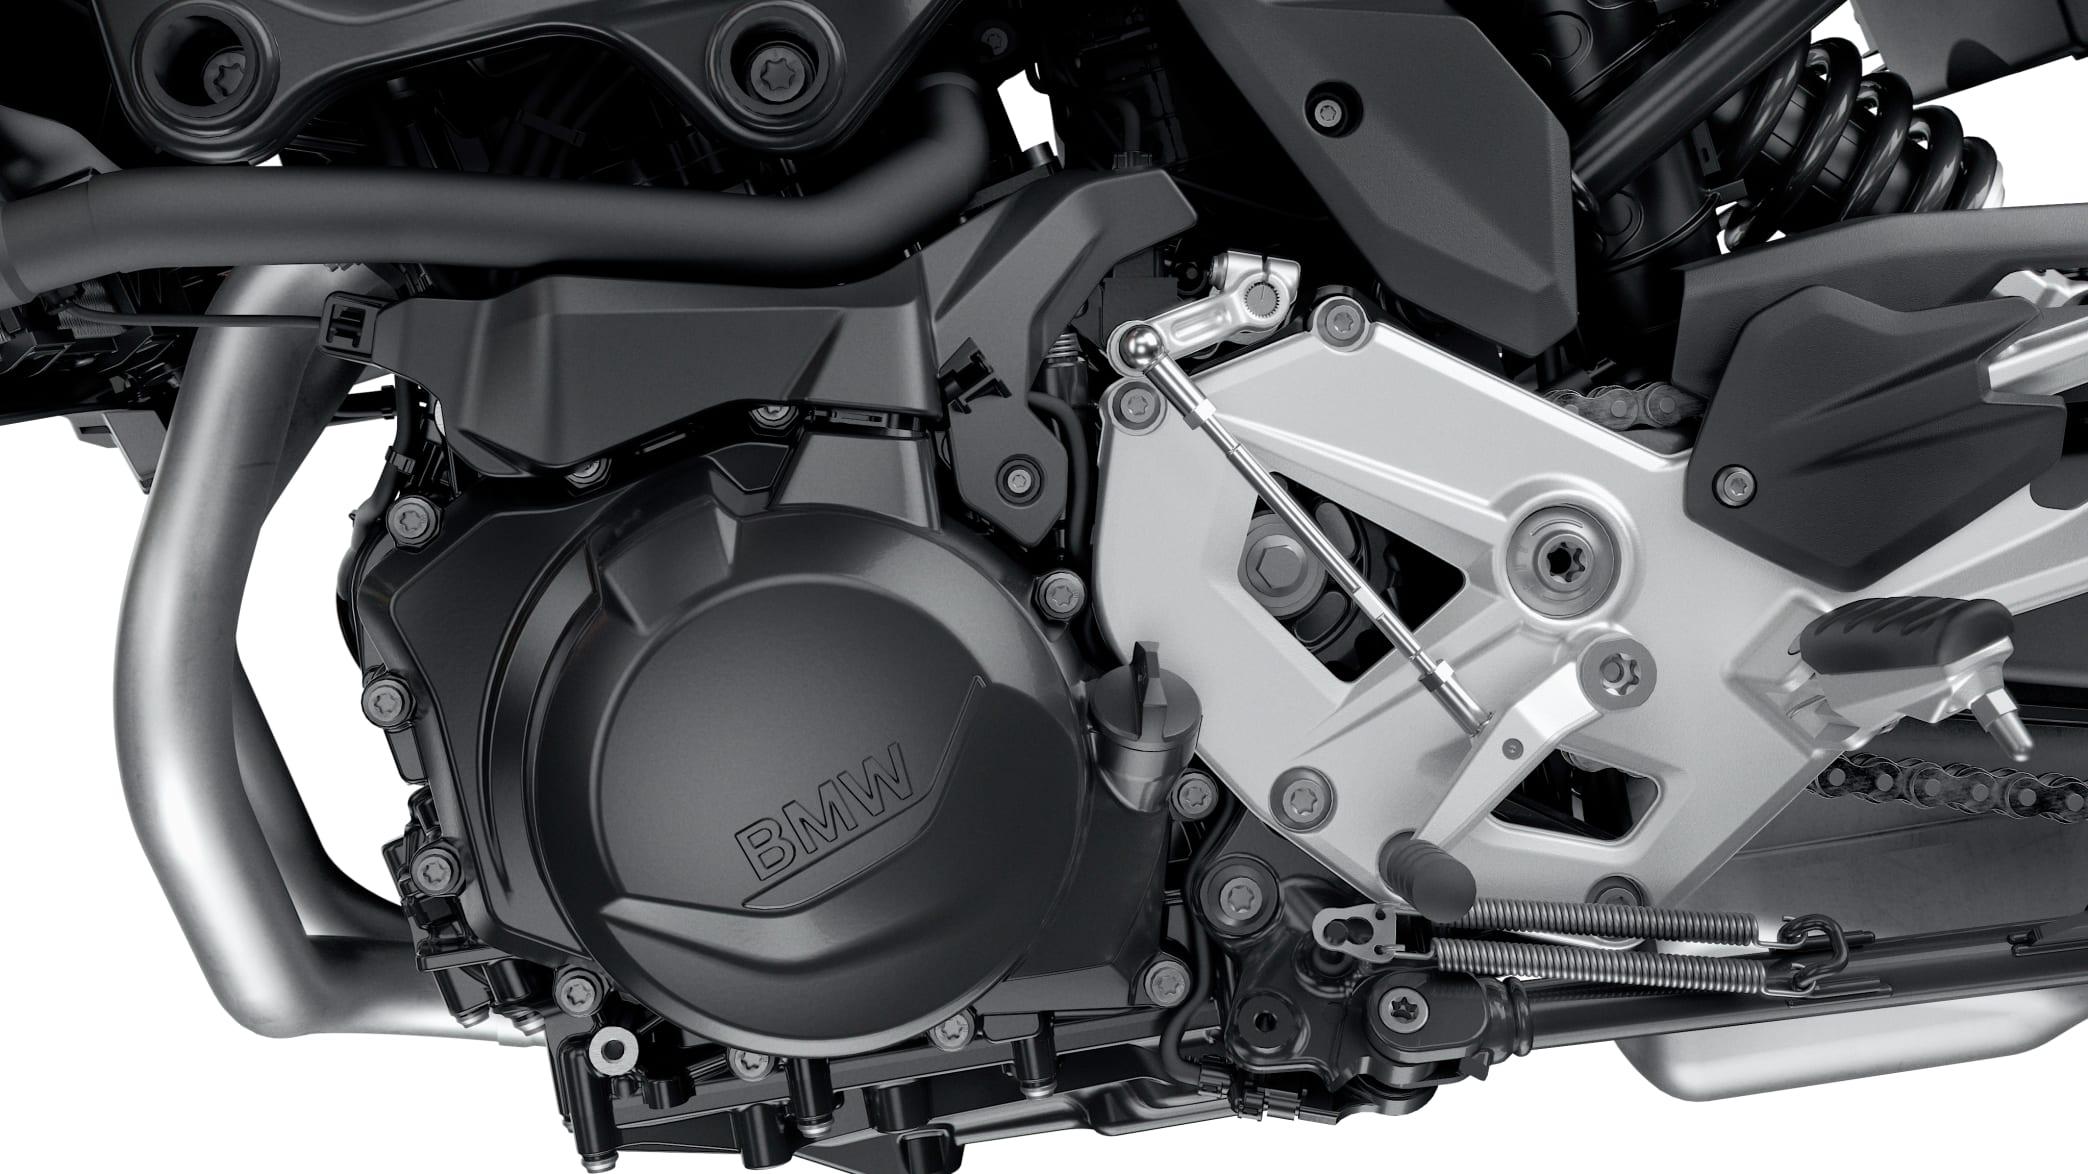 BMW F 900 R Motor